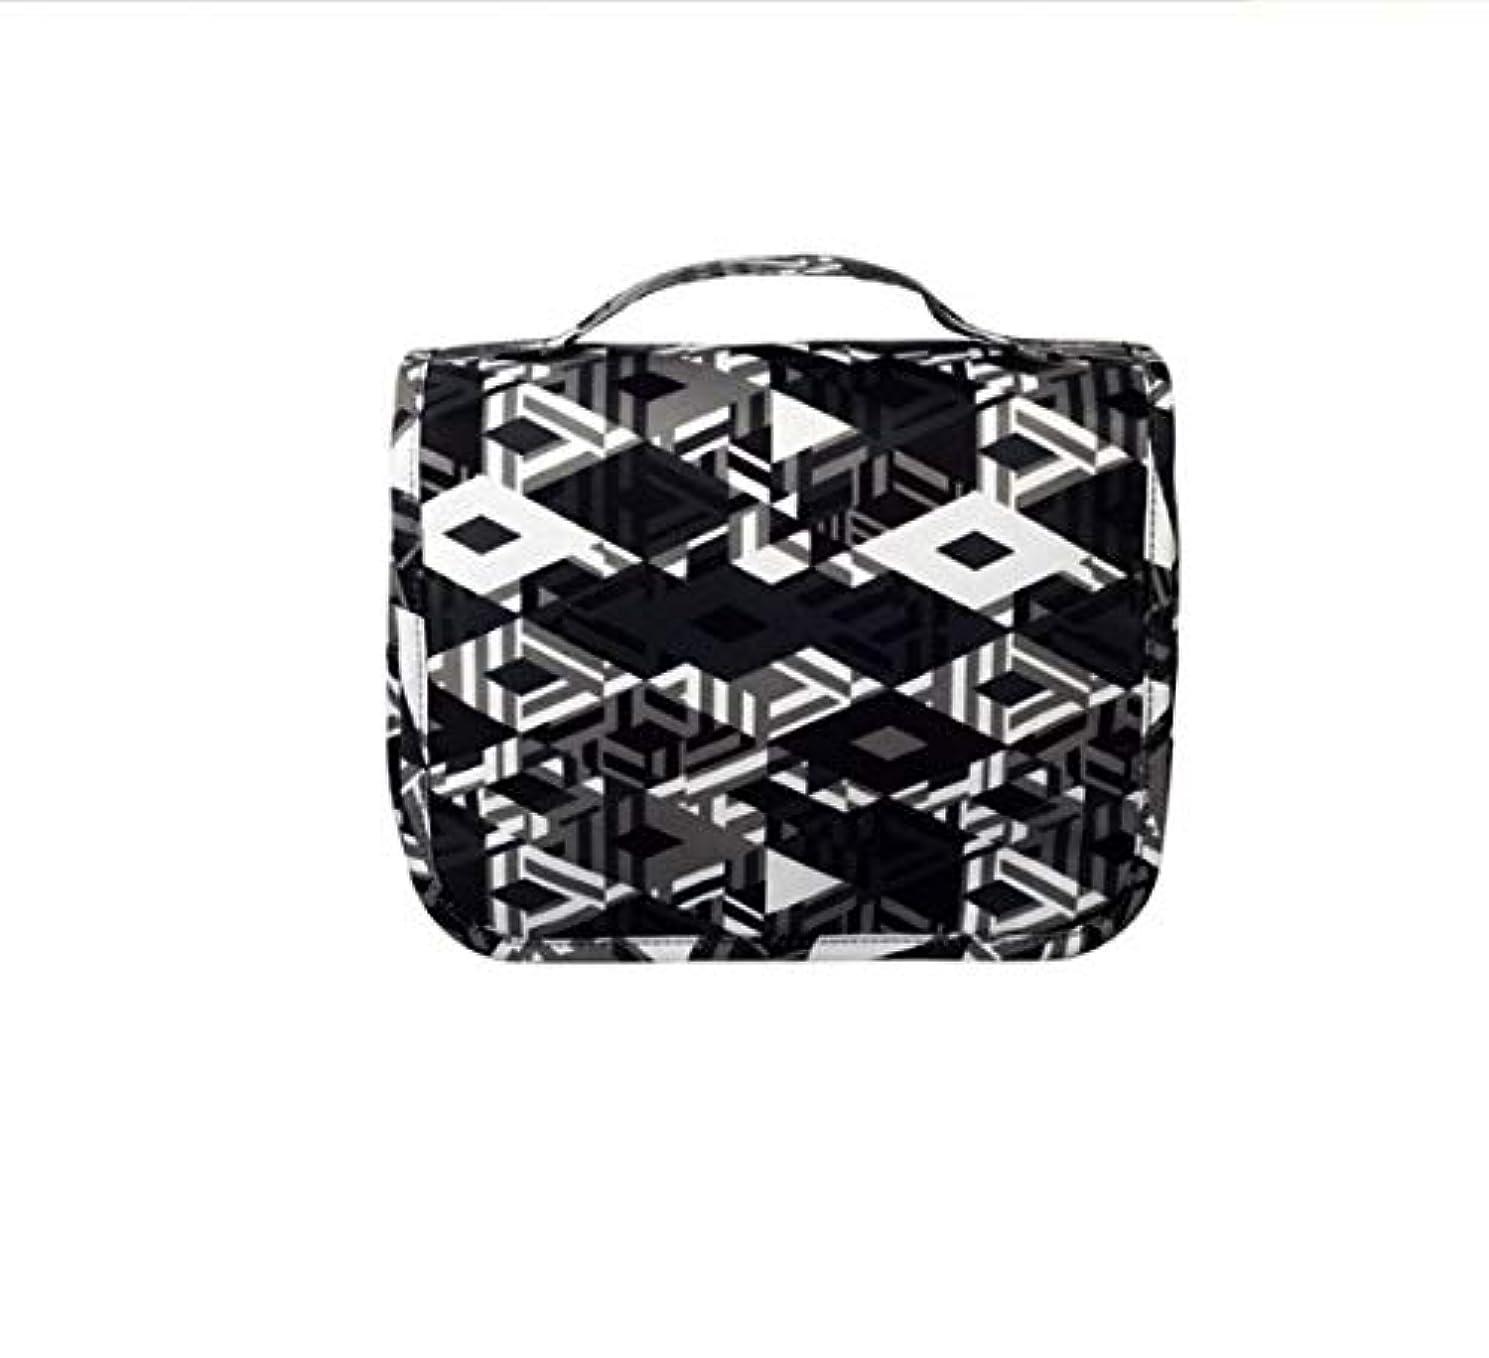 仕様閉じる困惑Chaopeng 化粧バッグ、携帯用トラベルバッグキット、迷彩収納オーガナイザー、男性用および女性用ウォッシュバッグ (Color : ブラック)